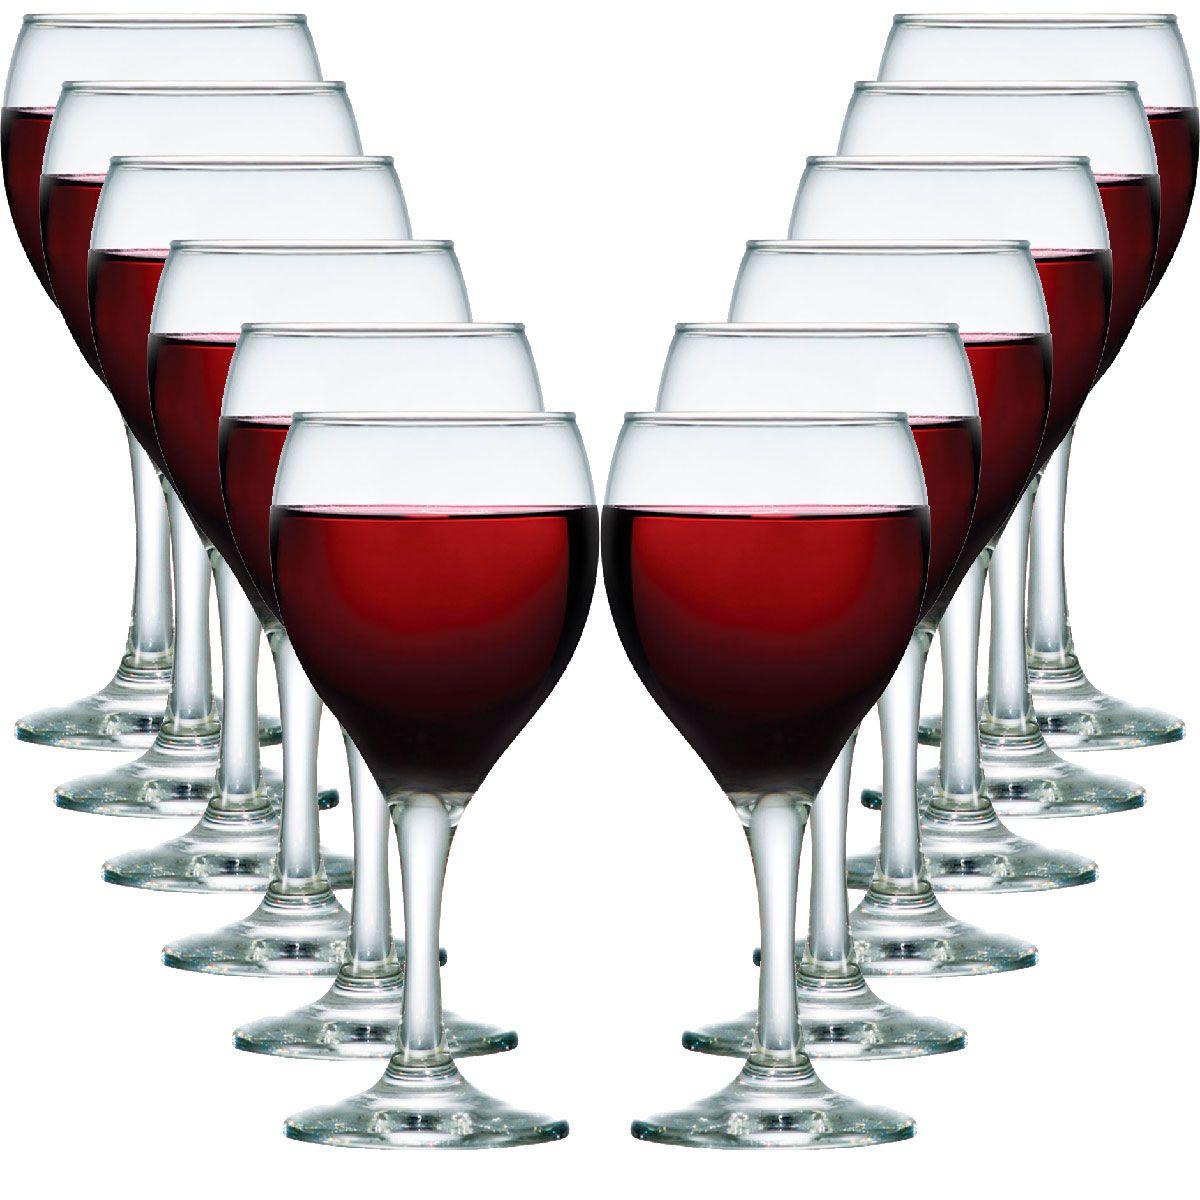 Jogo de Taça de Vinho Vidro Aspen 335ml 12 Pcs